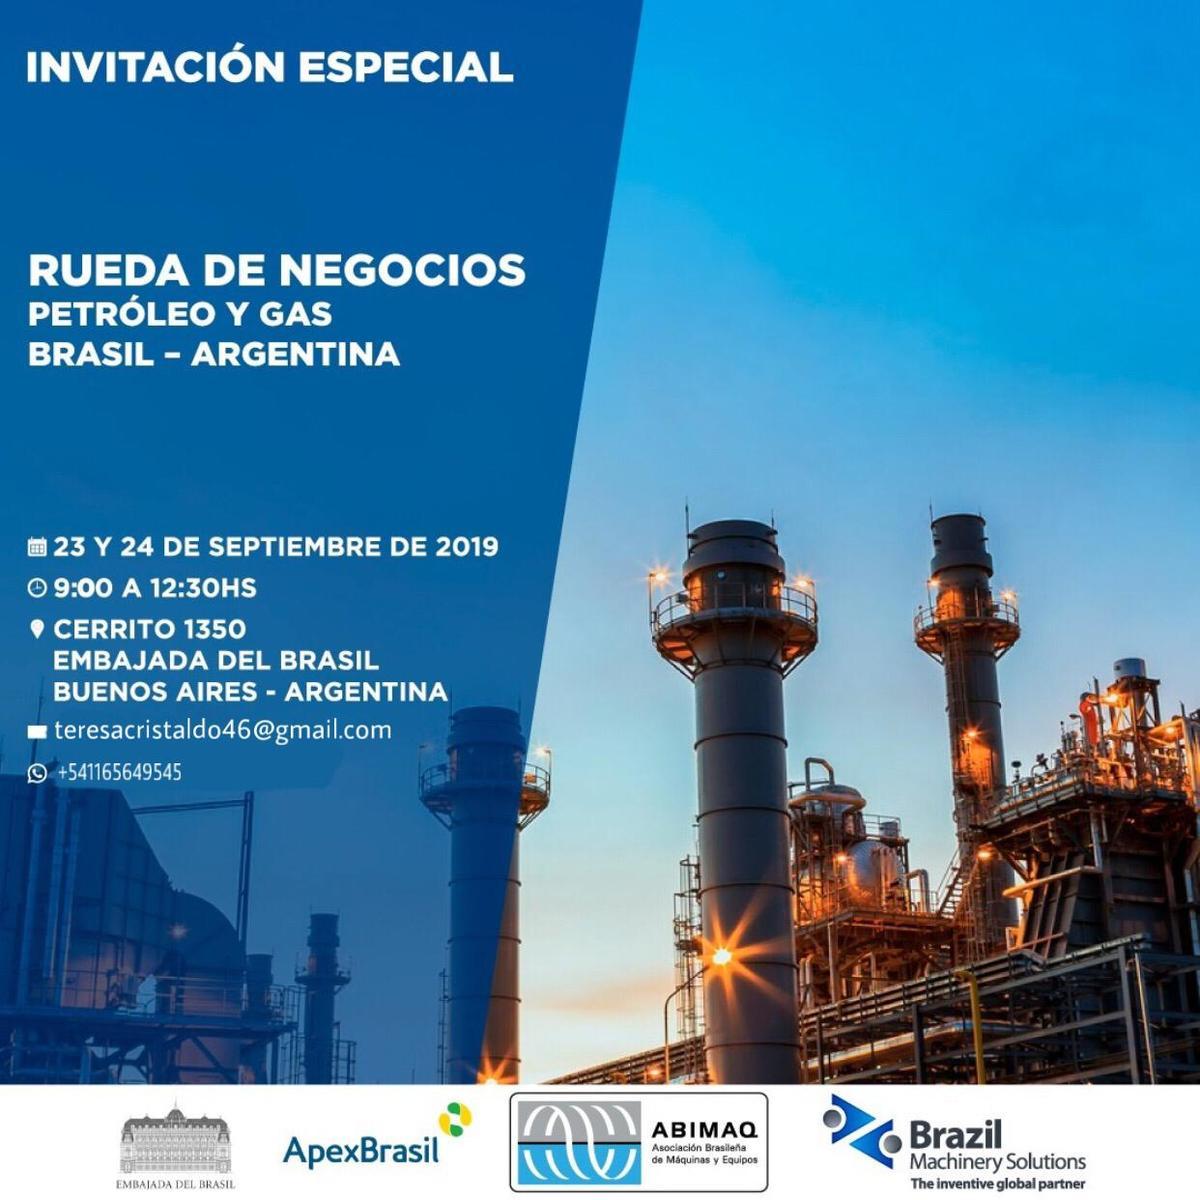 Estos 23 y 24 de septiembre se realizará Rueda de Negocios Petroleo y Gas Argentina – Brasil en Buenos Aires